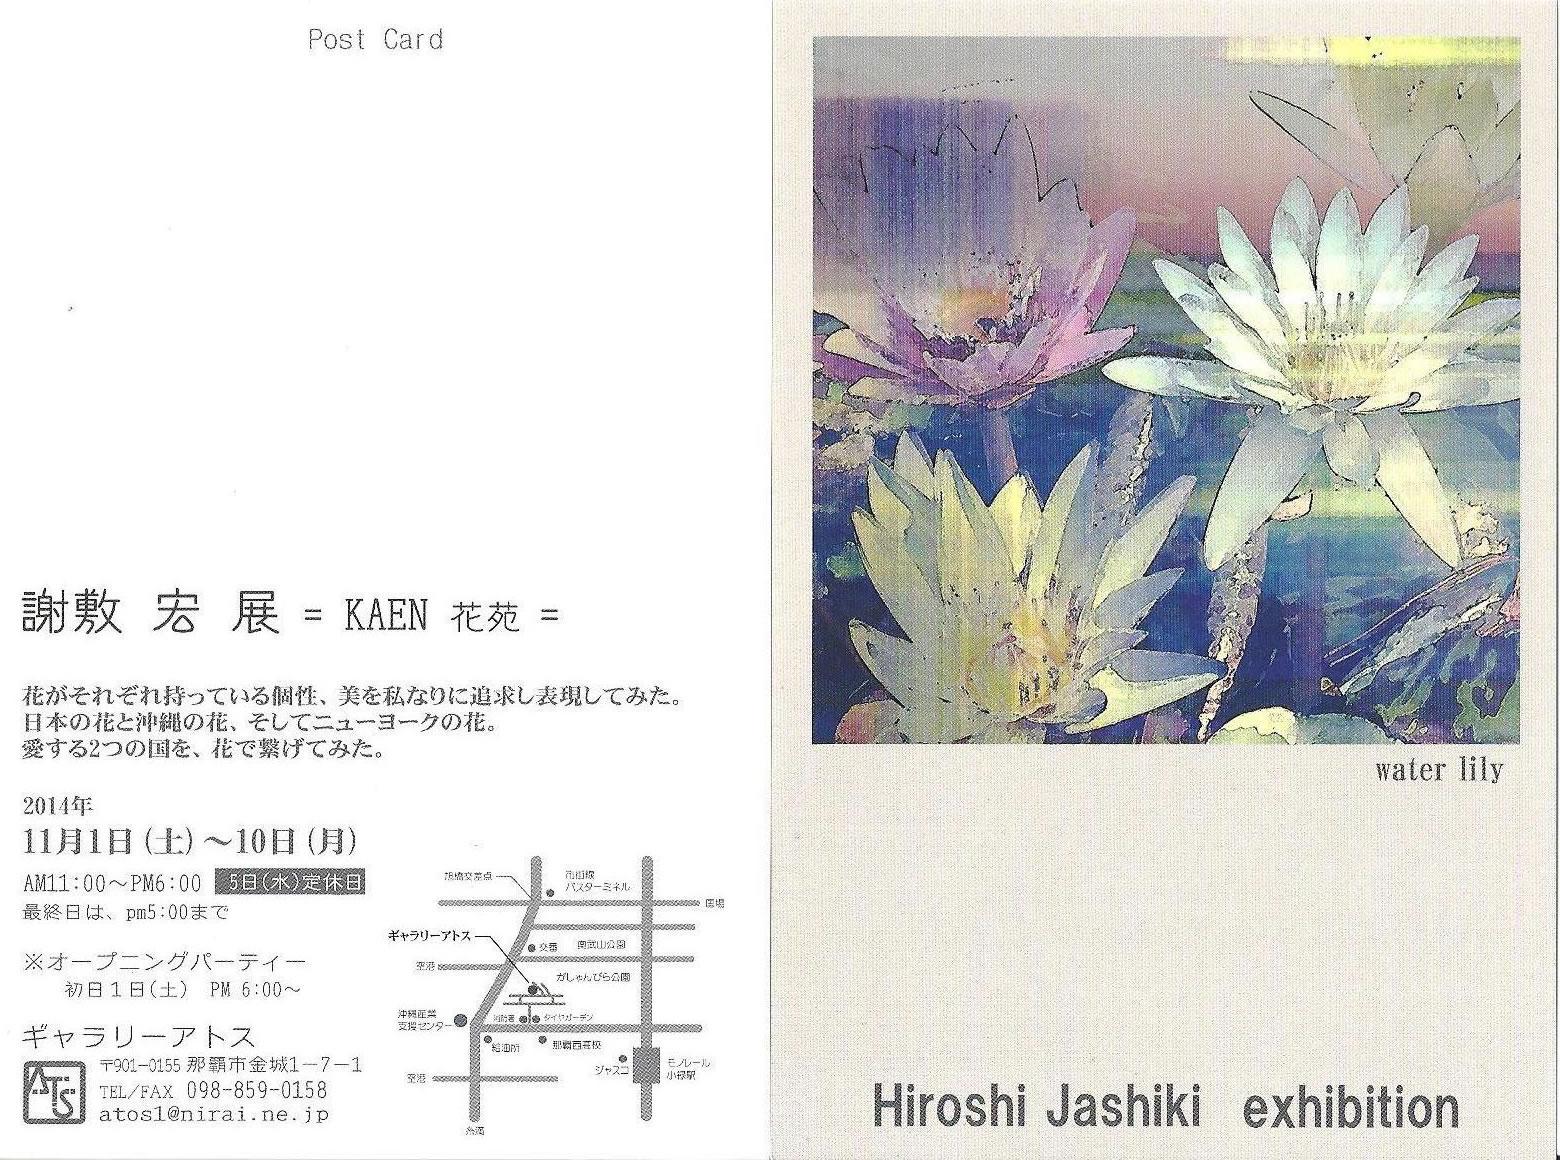 jiyasiki_20141019140626a3e.jpg